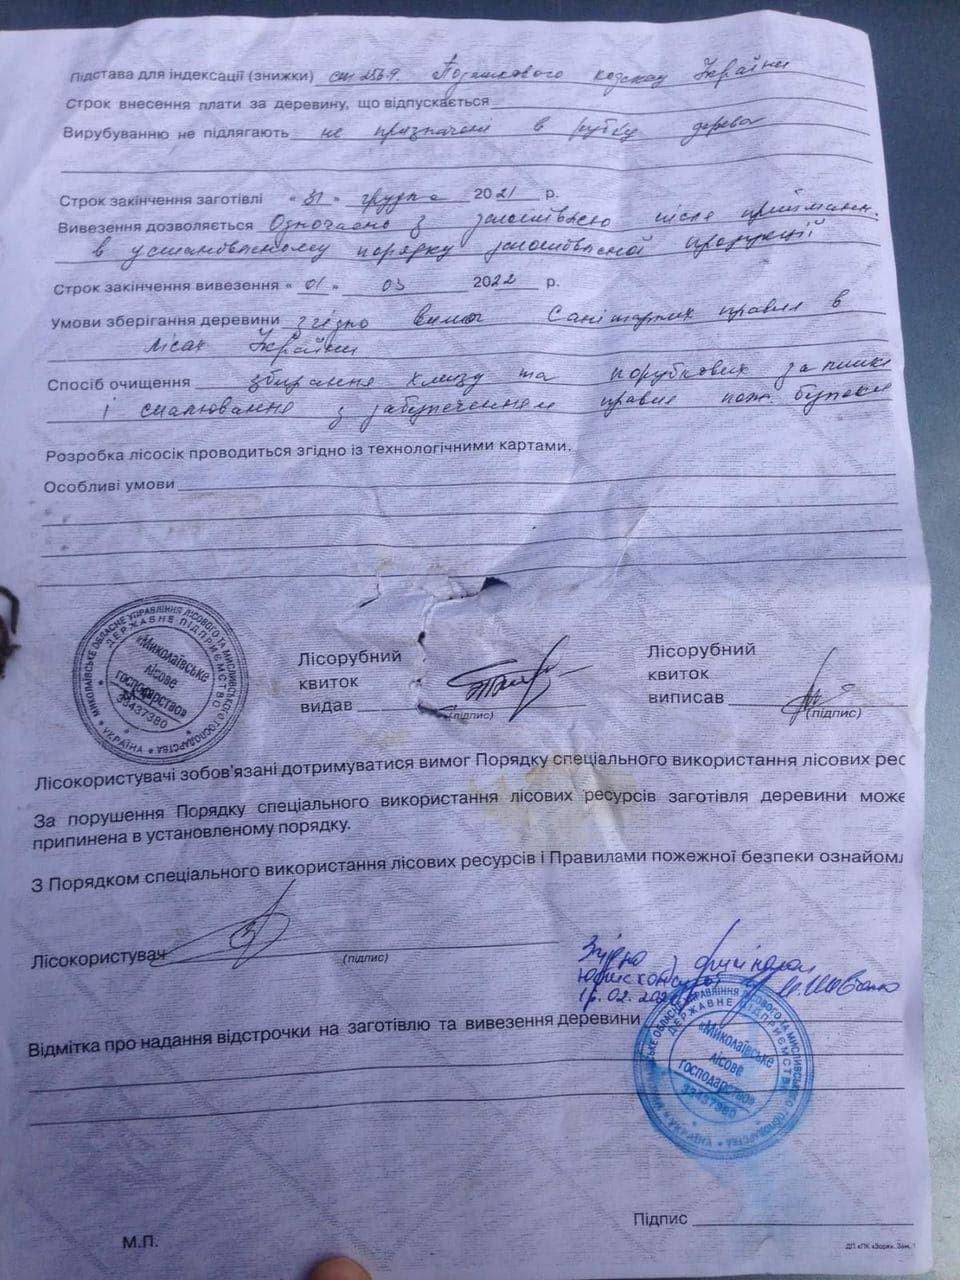 Лесорубный билет, Вырубка деревьев в Матвеевке